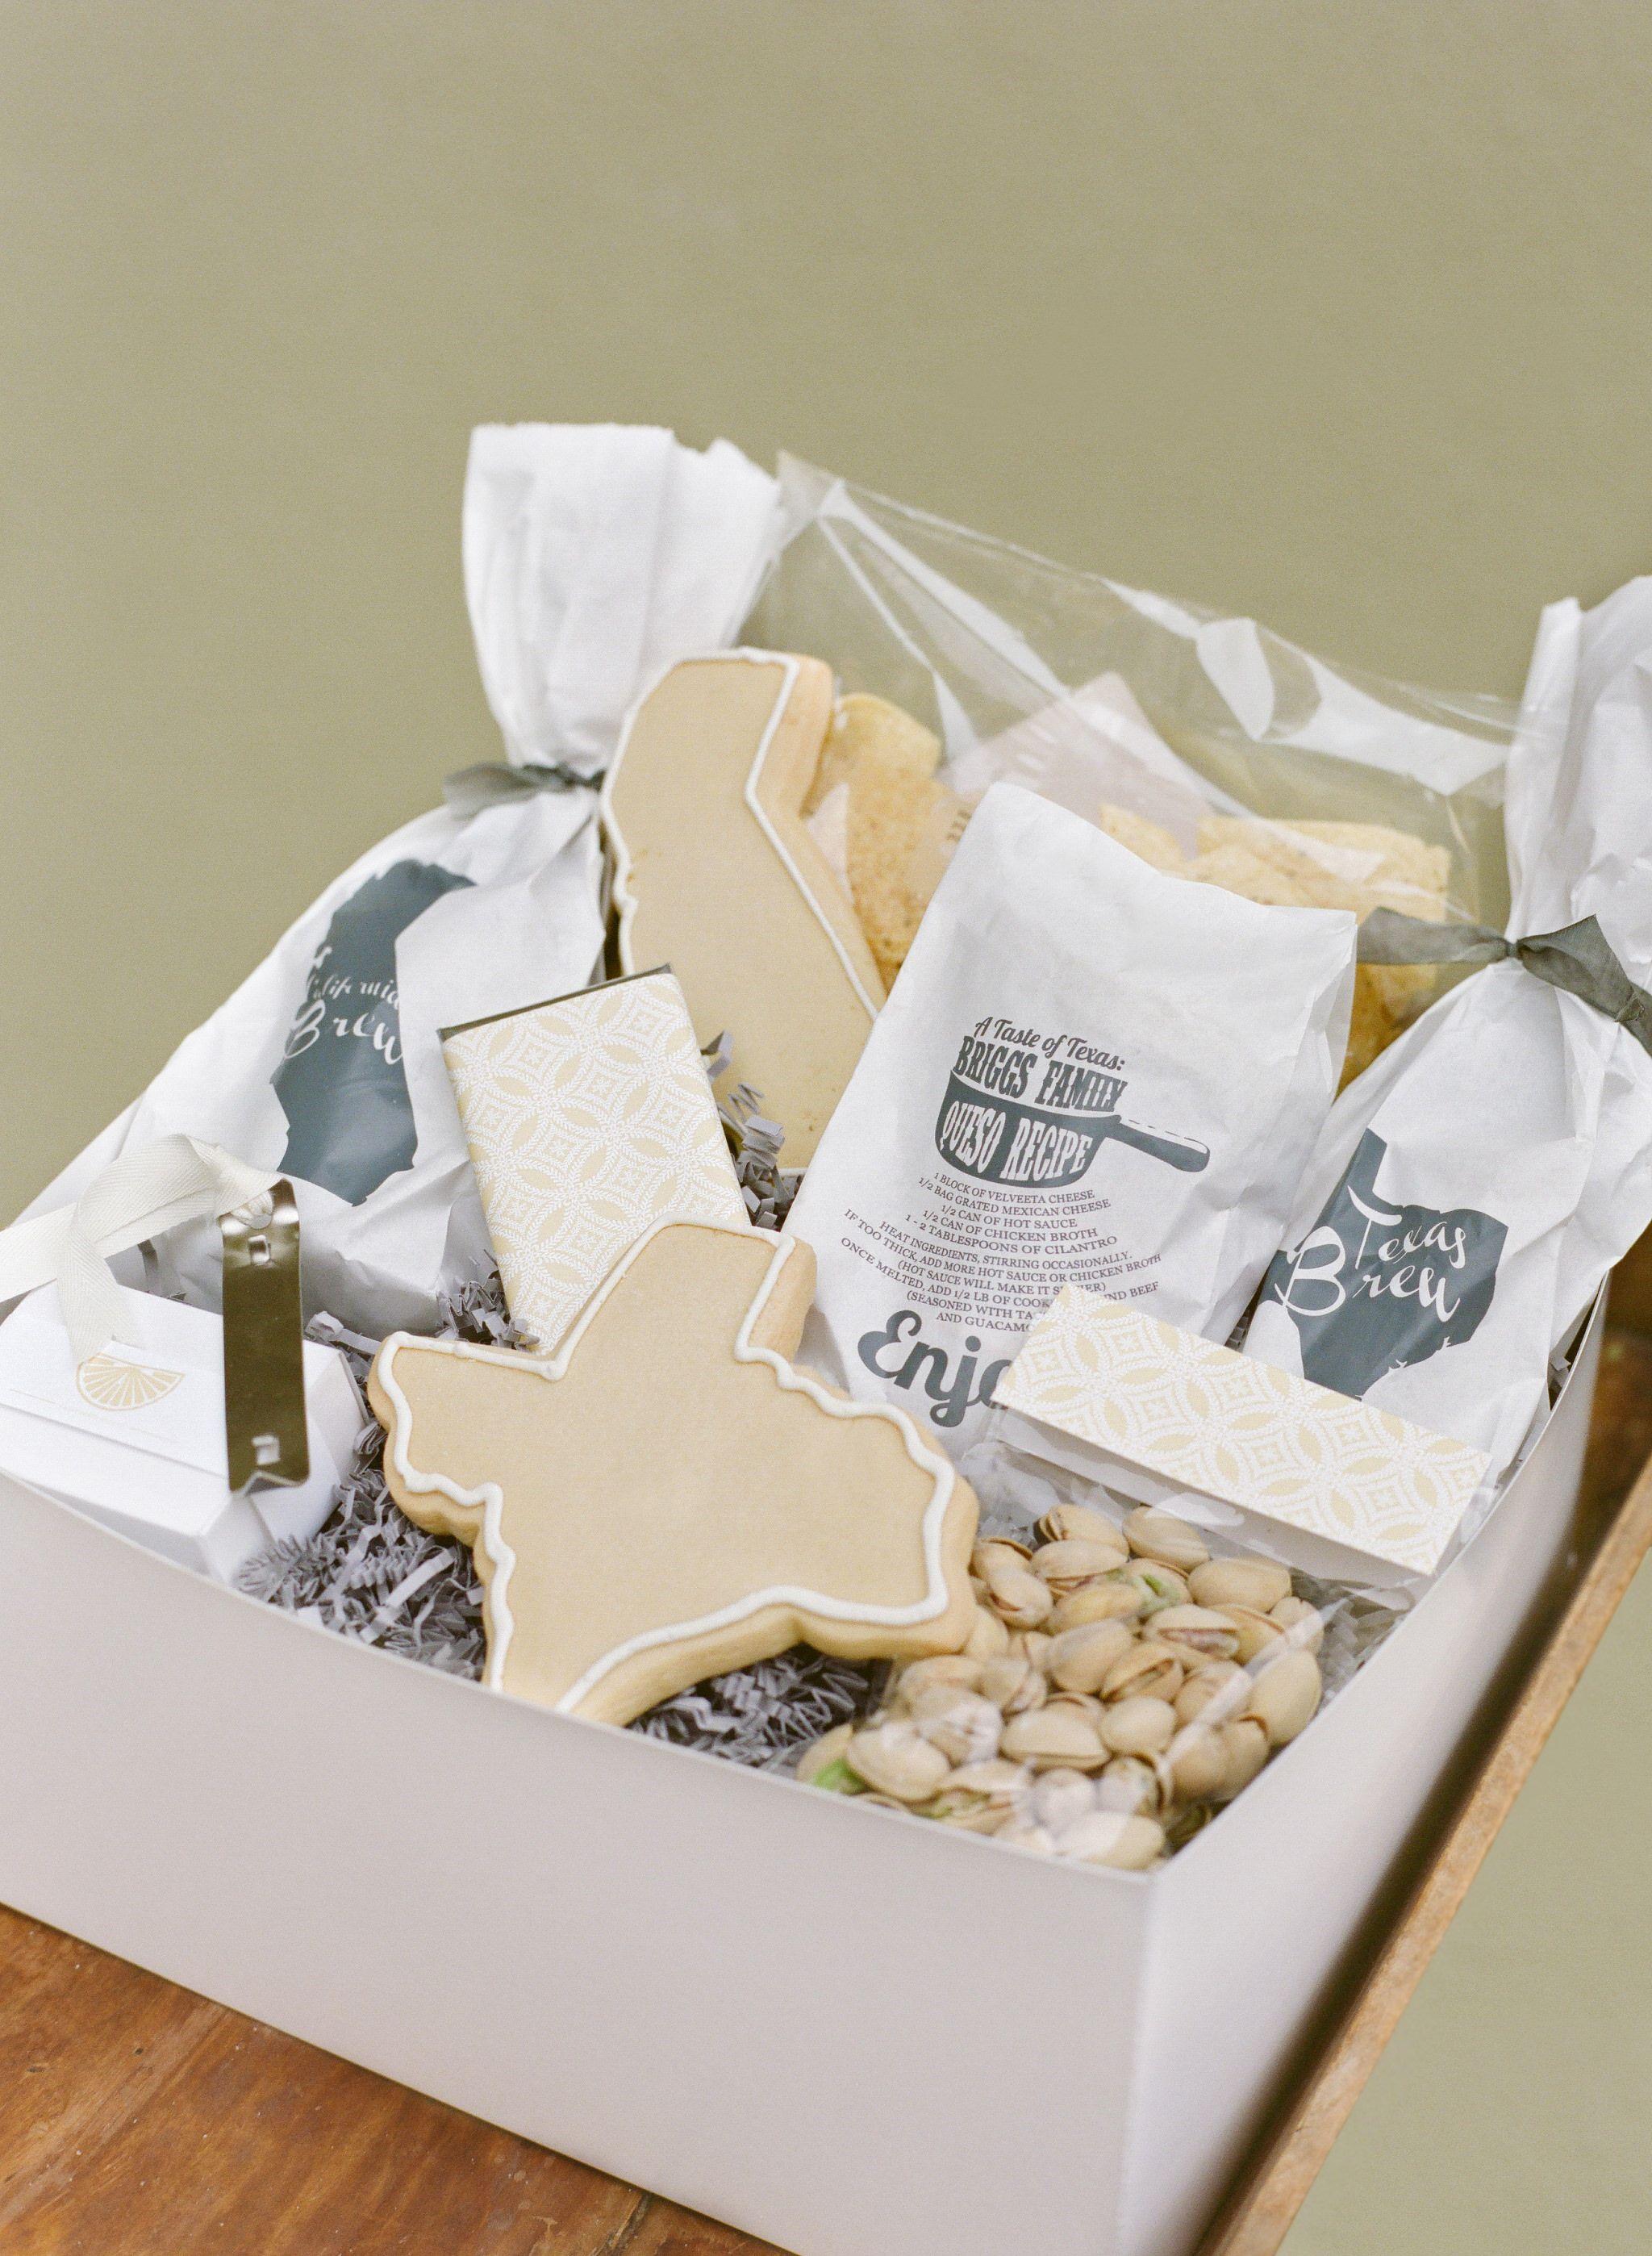 wedding welcome basket  design by Lisa Vorce and Mindy